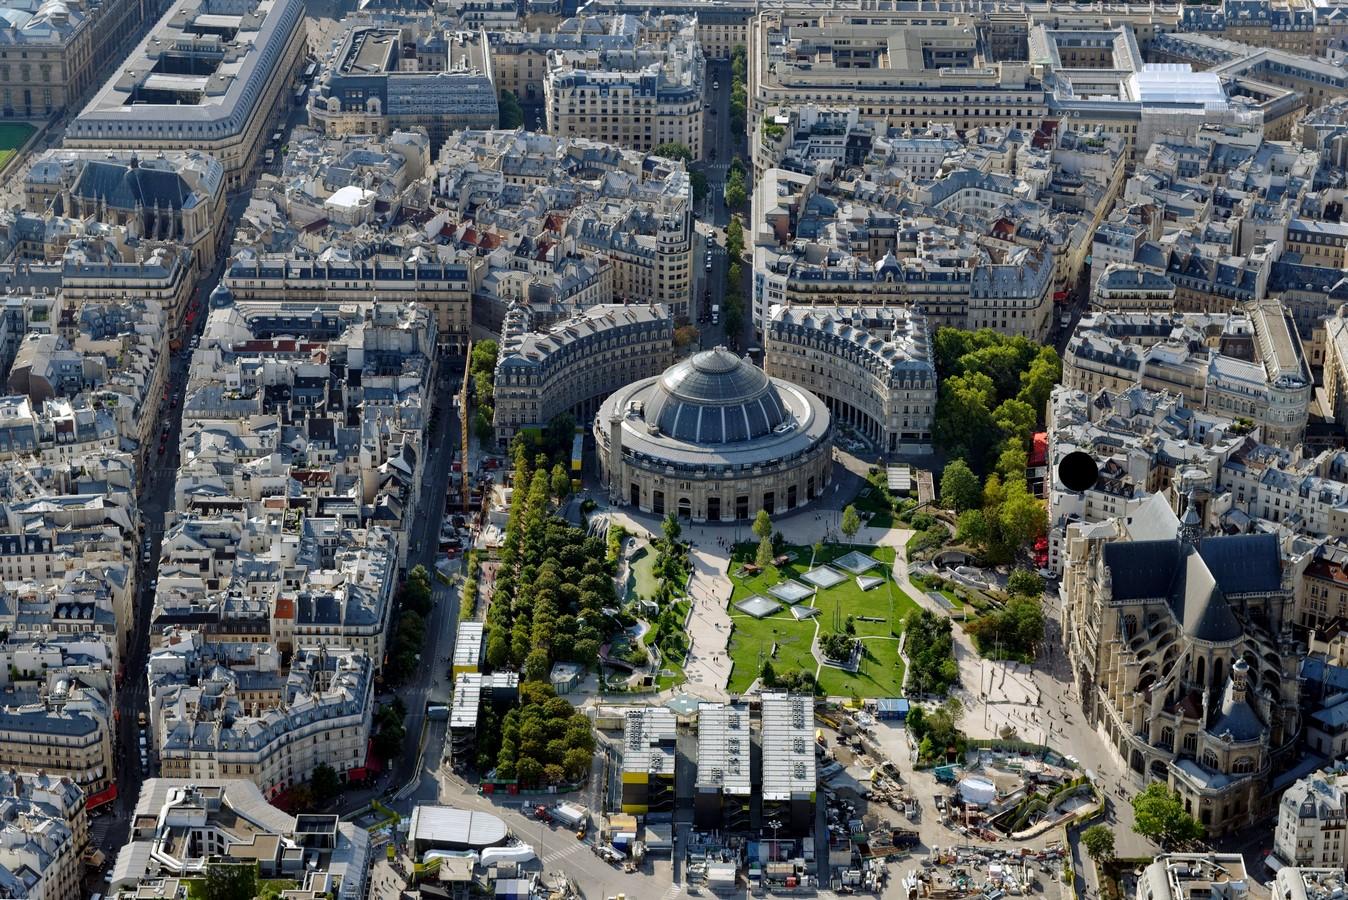 Bourse de Commerce, Paris: A connecting intervention for the future - Sheet1